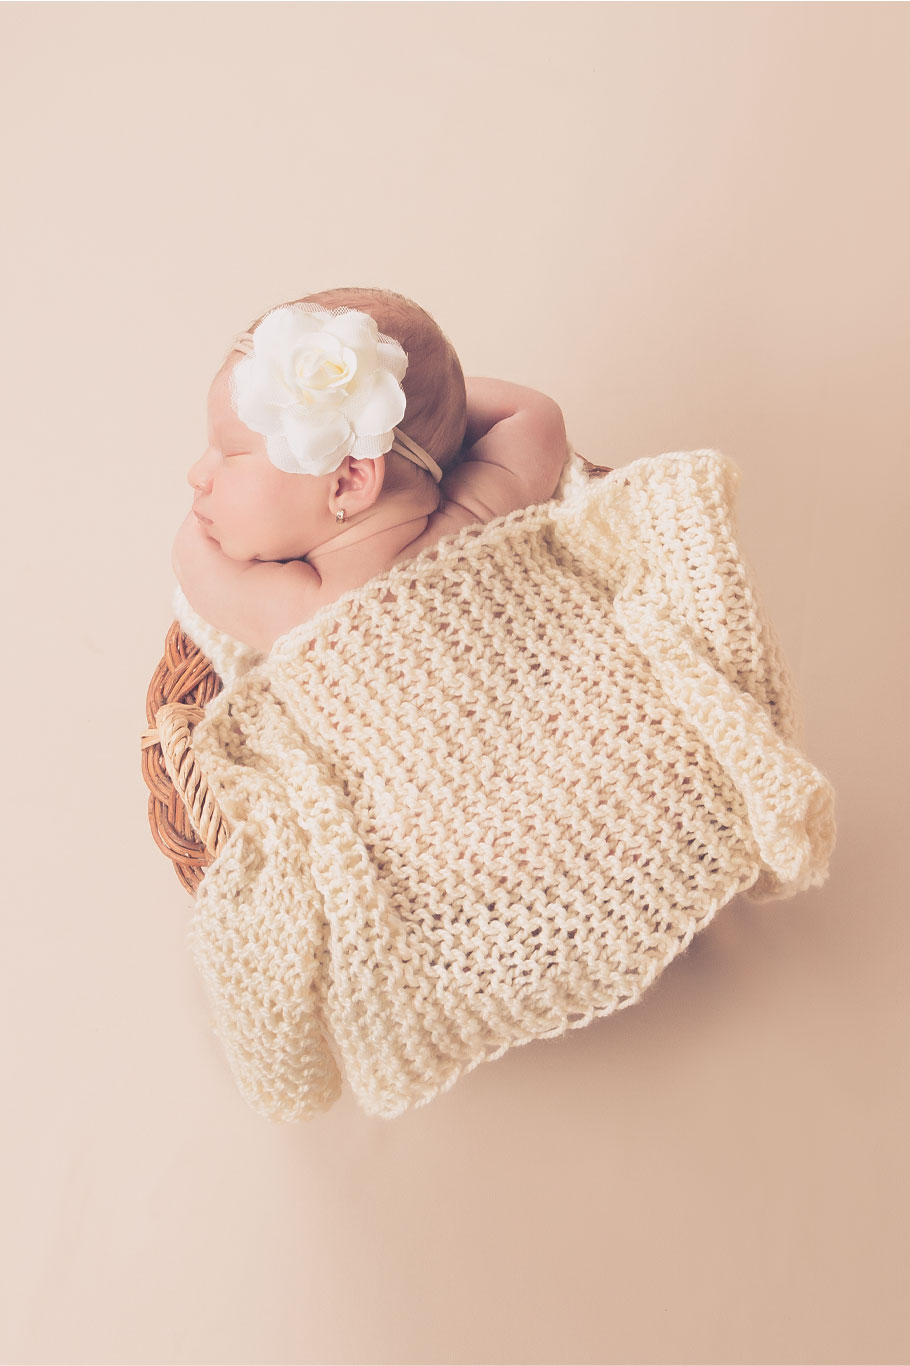 beba spava na stomaku sa belim cvetom u kosi